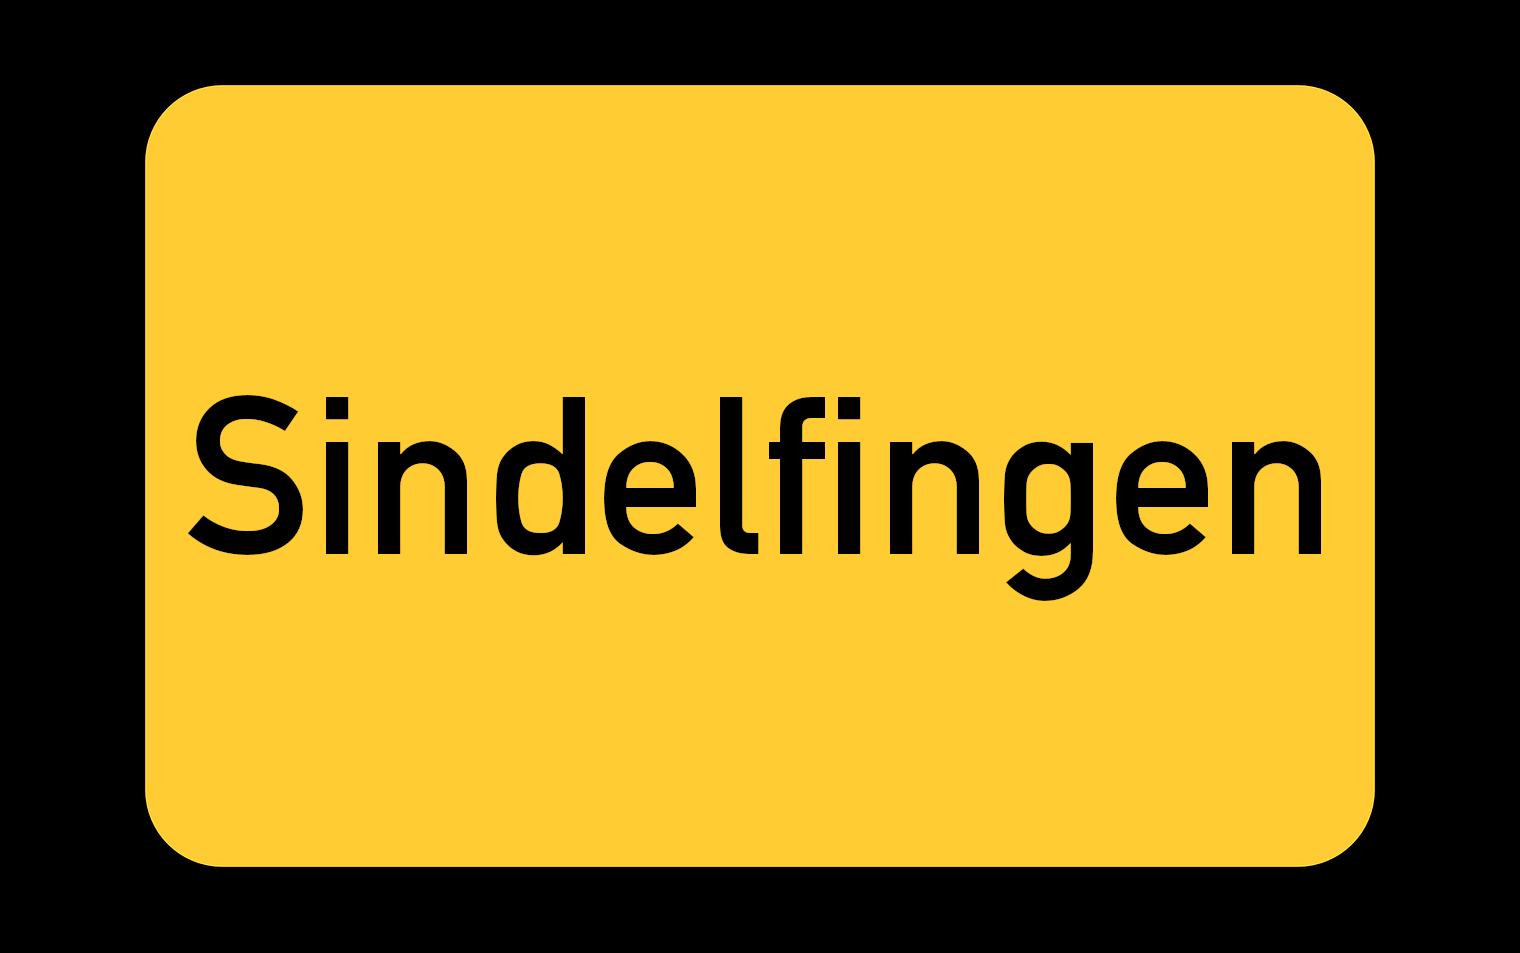 Isotox Schädlingsbekämpfung in Sindelfingen